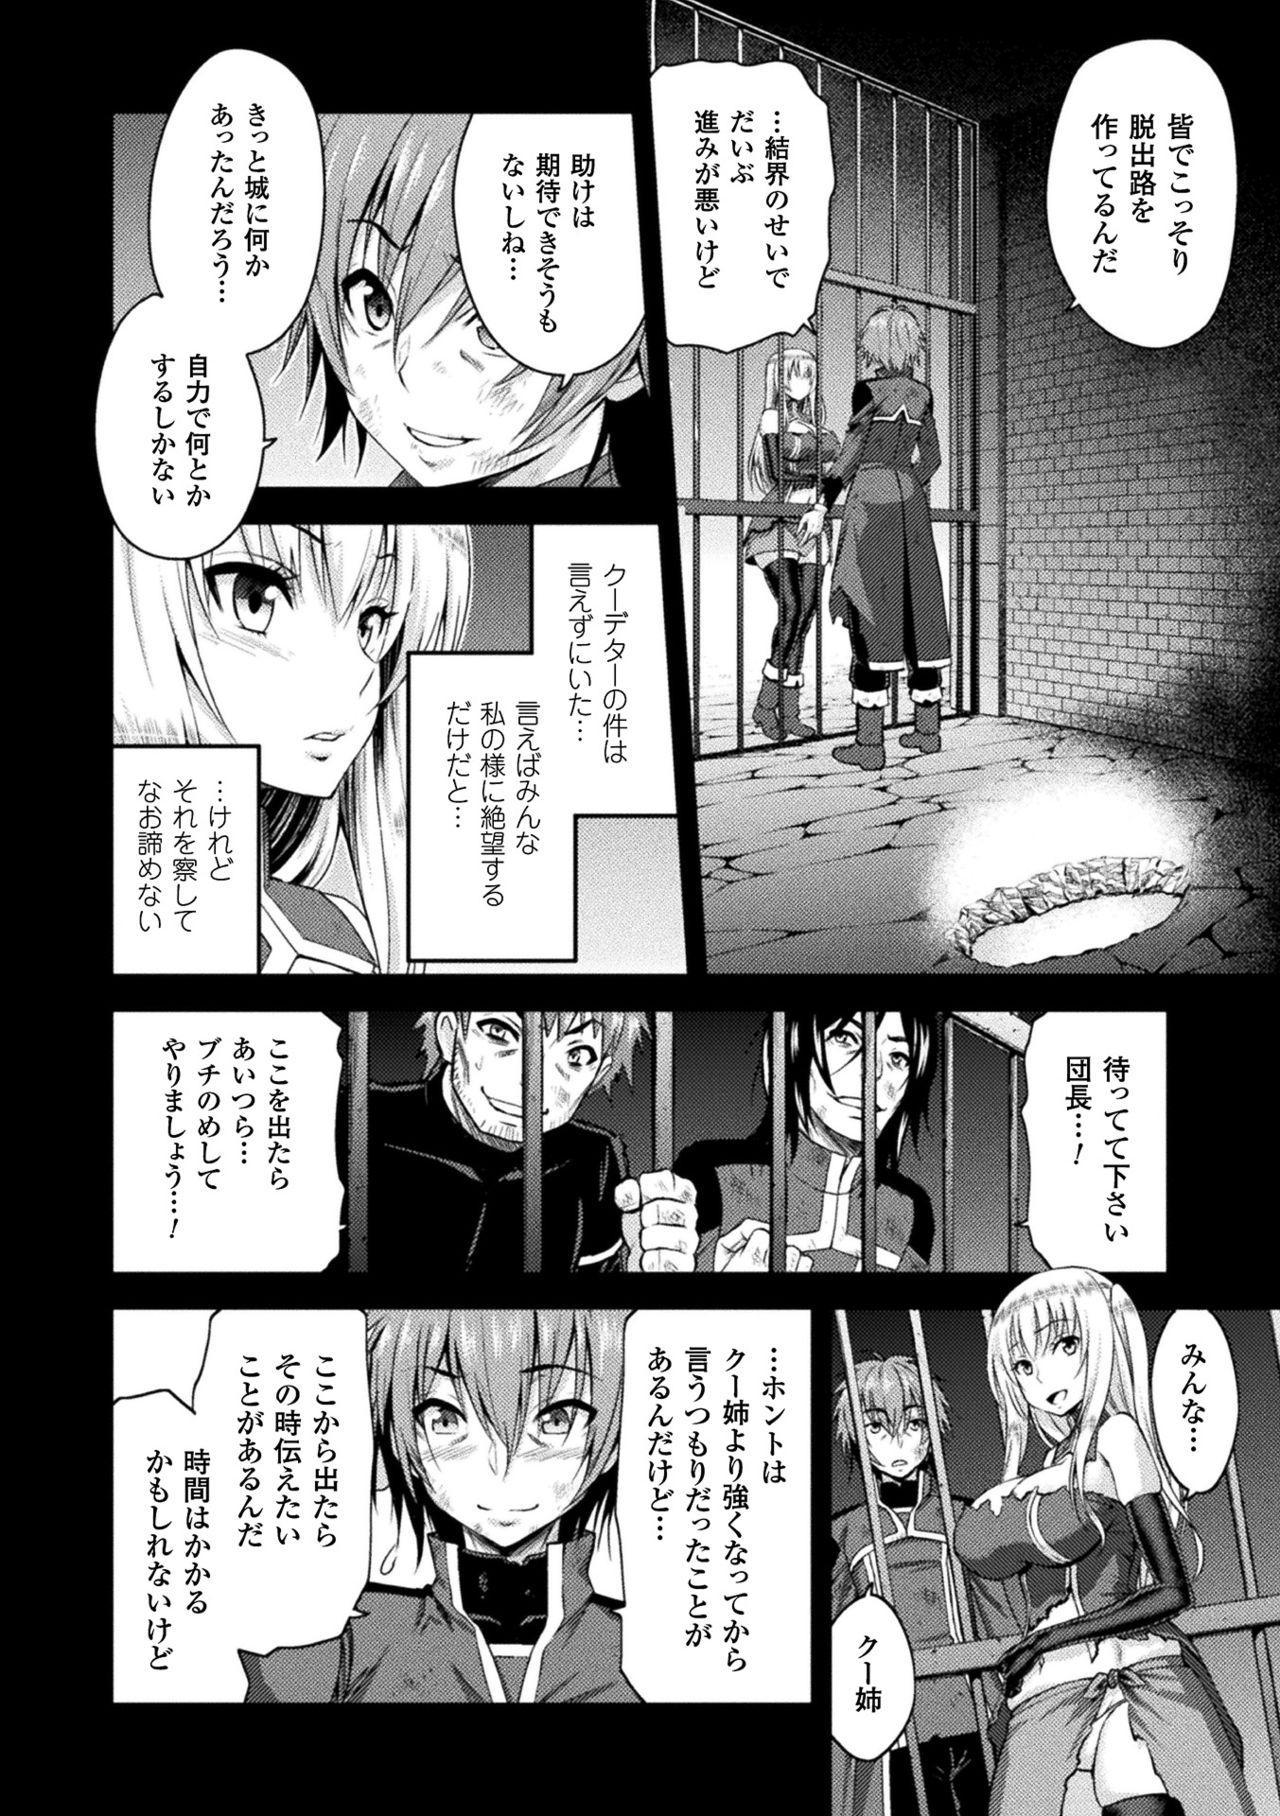 ERONA Orc no Inmon ni Okasareta Onna Kishi no Matsuro Ch. 1-6 55